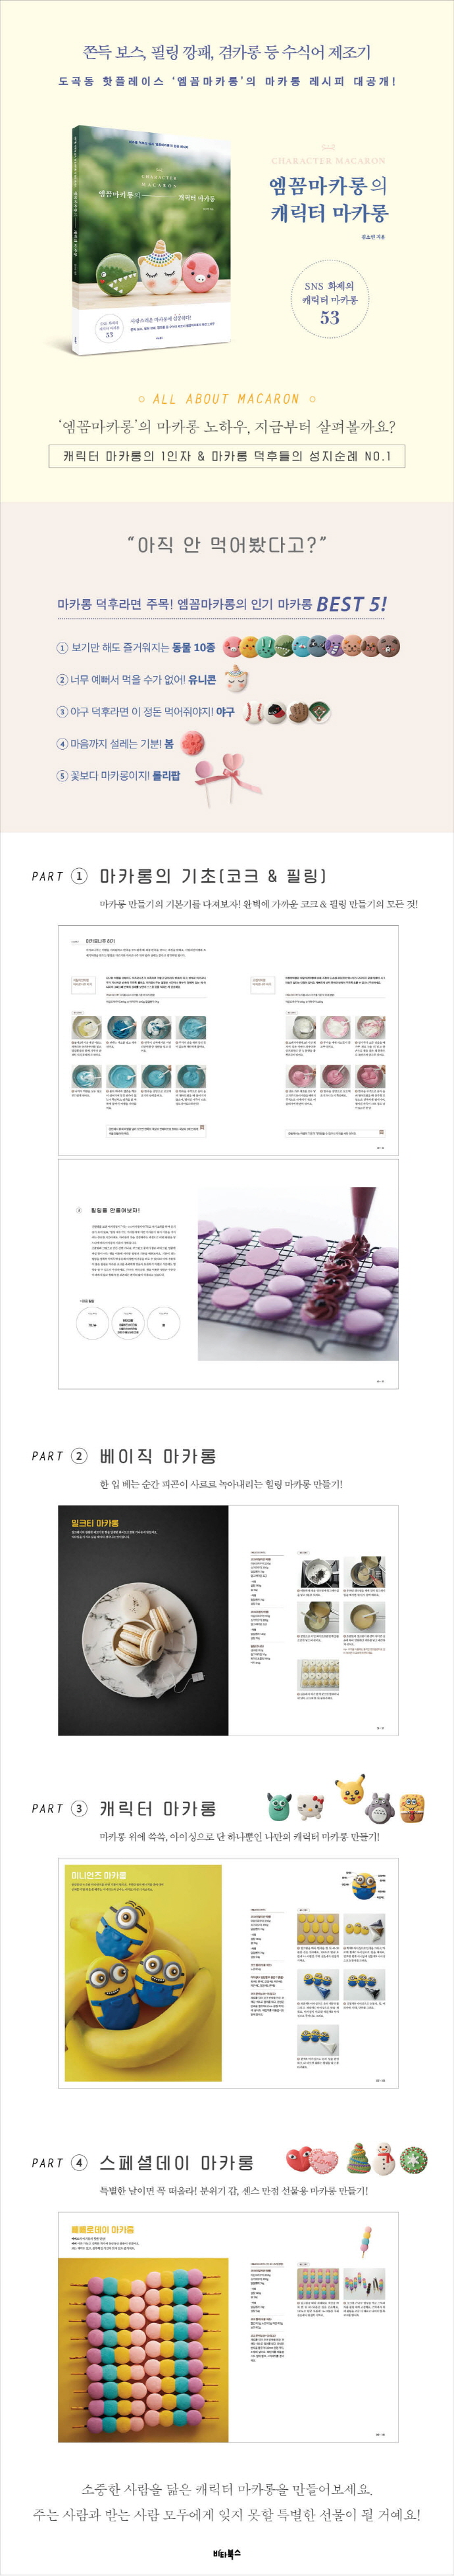 엠꼼마카롱의 캐릭터 마카롱 도서 상세이미지